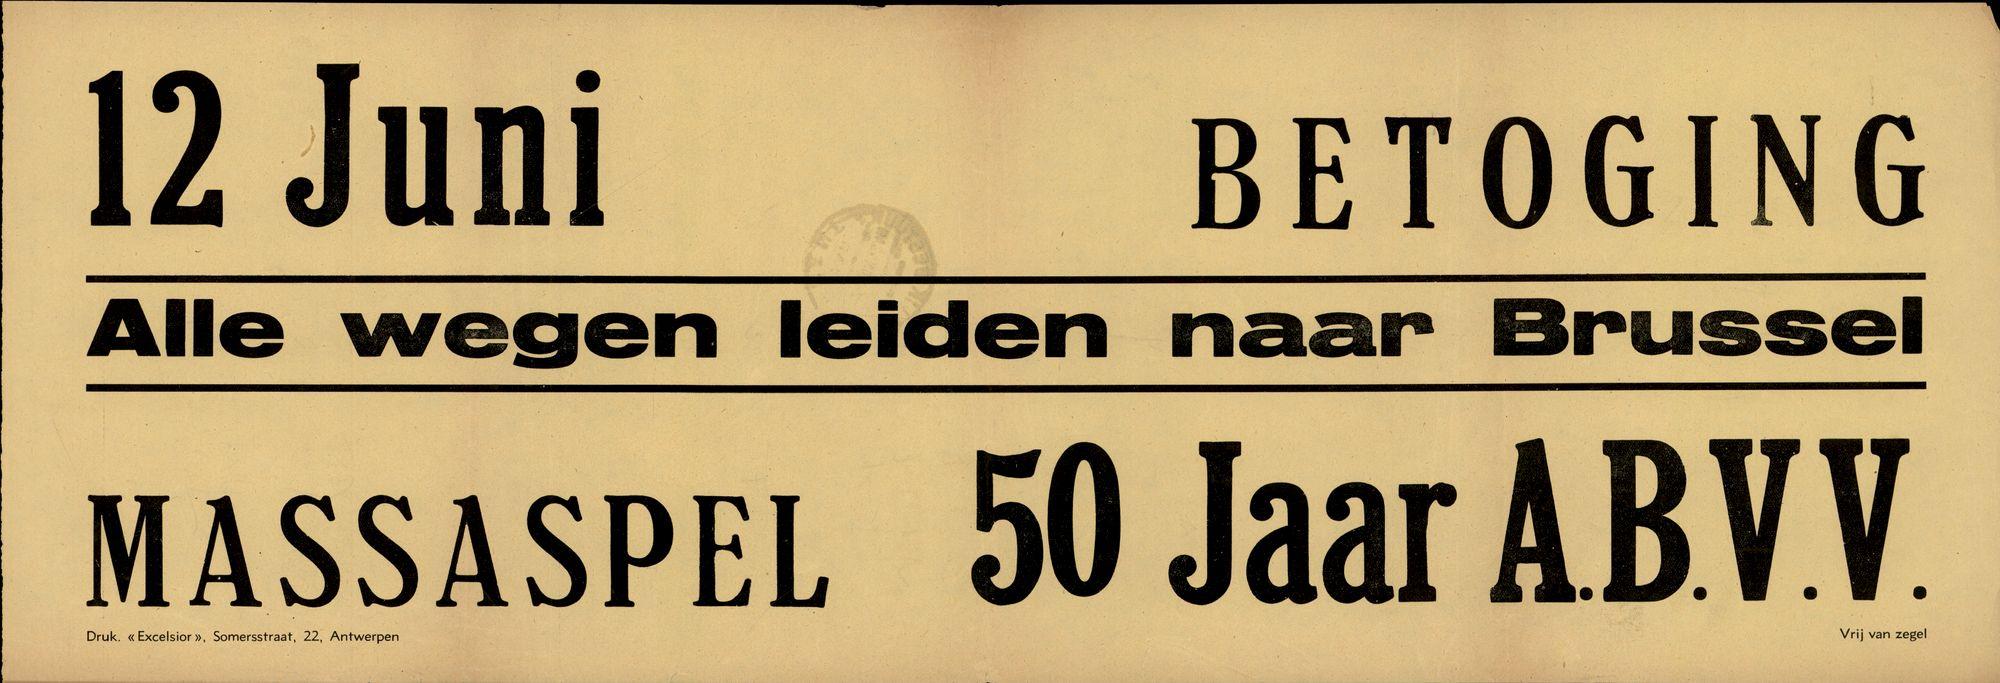 50 jaar A.B.V.V. 12 juni betoging. 1949